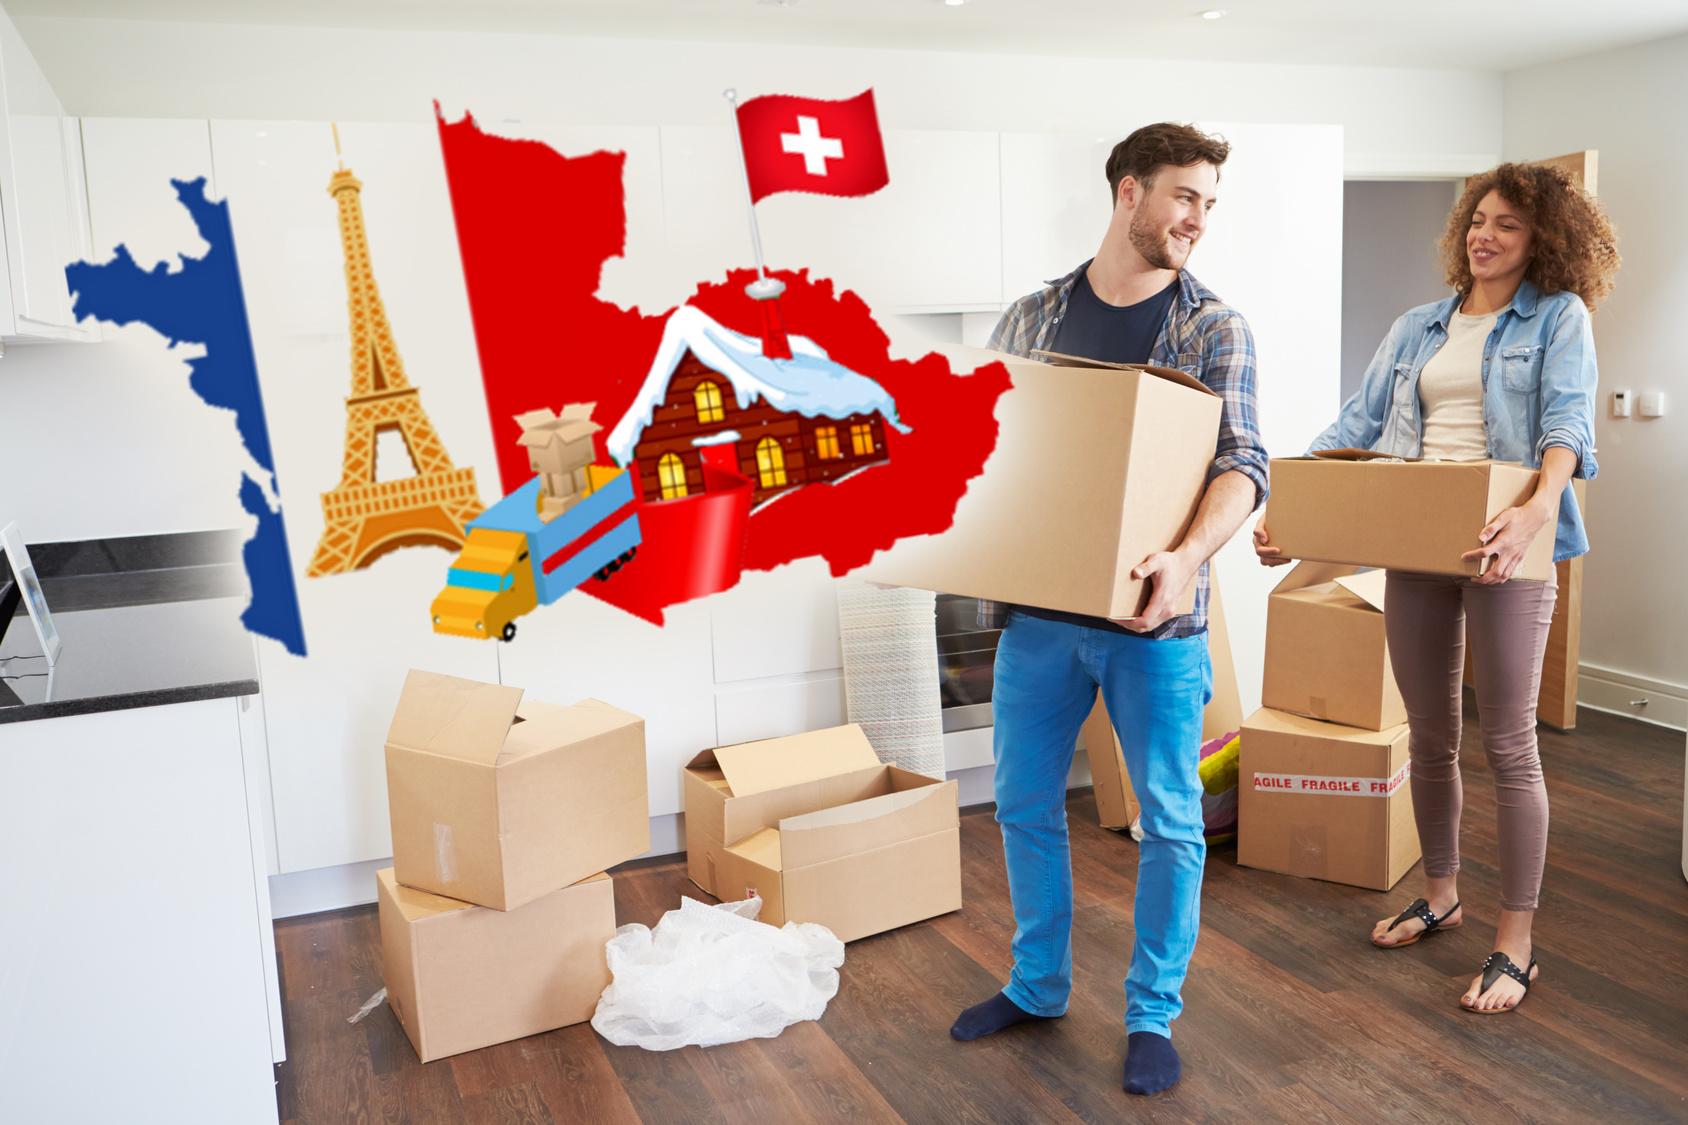 Comment quitter la suisse pour déménager en france suivez le guide